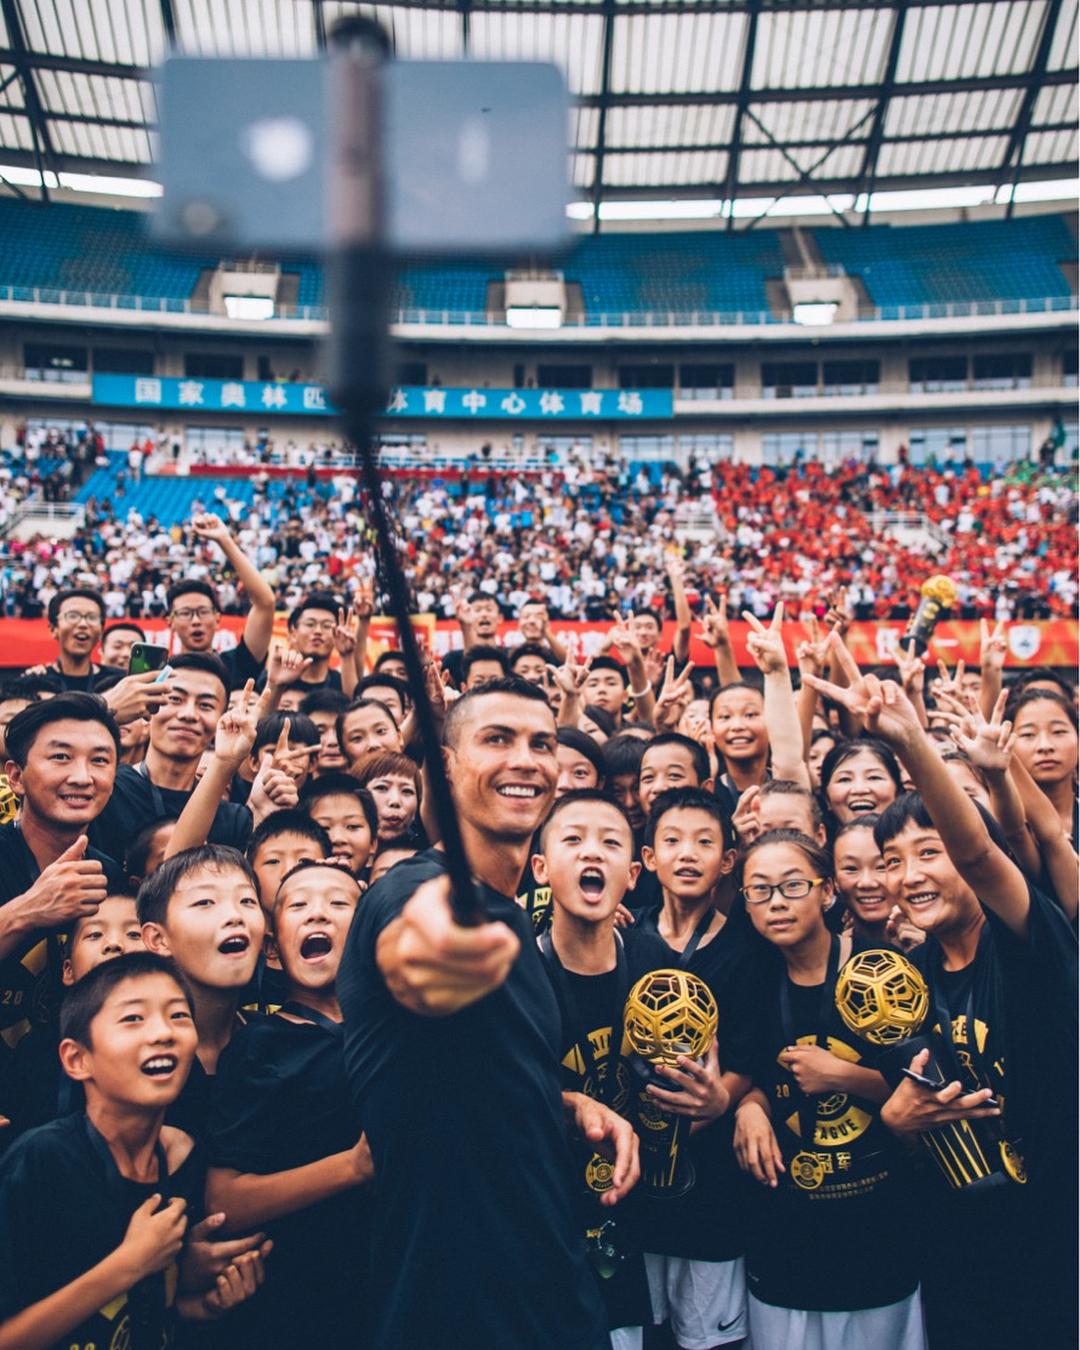 Фото дня: Криштиану Роналду делает селфи с десятками китайских поклонников - изображение 1